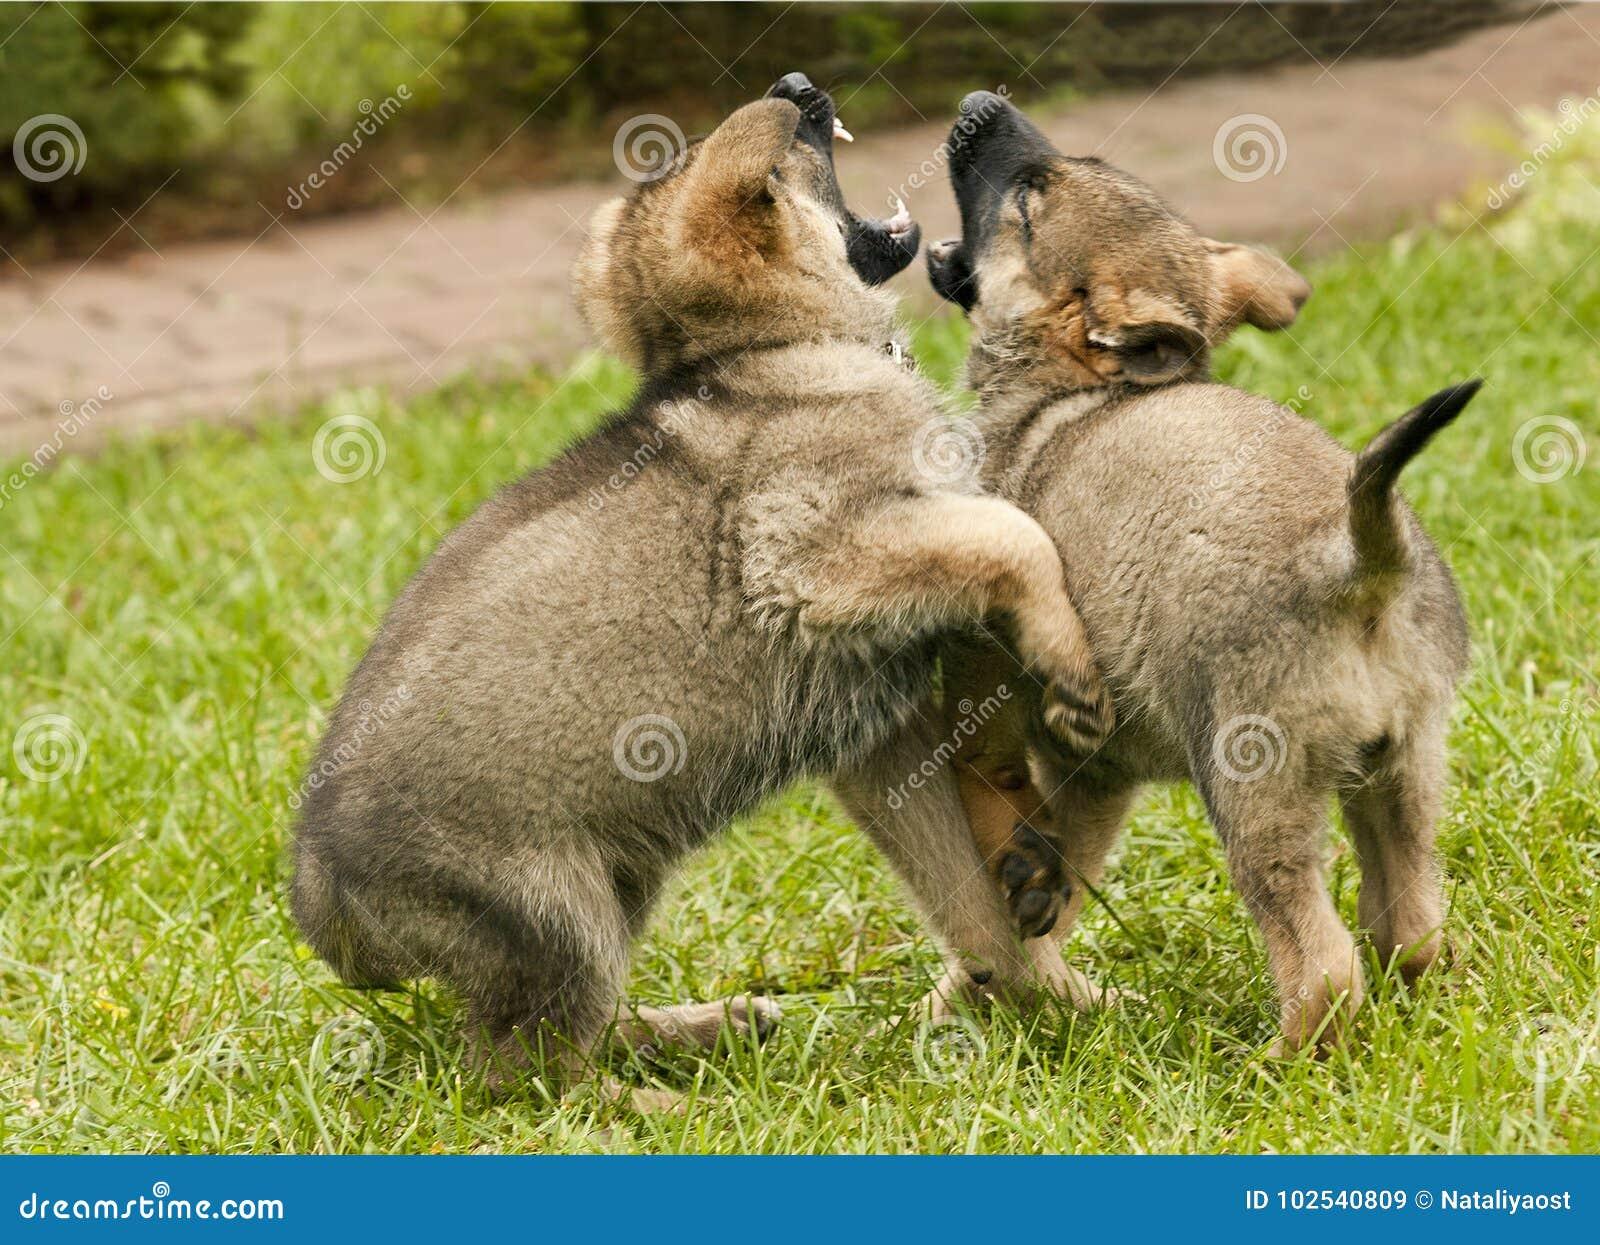 Cuccioli Di Un Cane Un Pastore Tedesco Immagine Stock Immagine Di